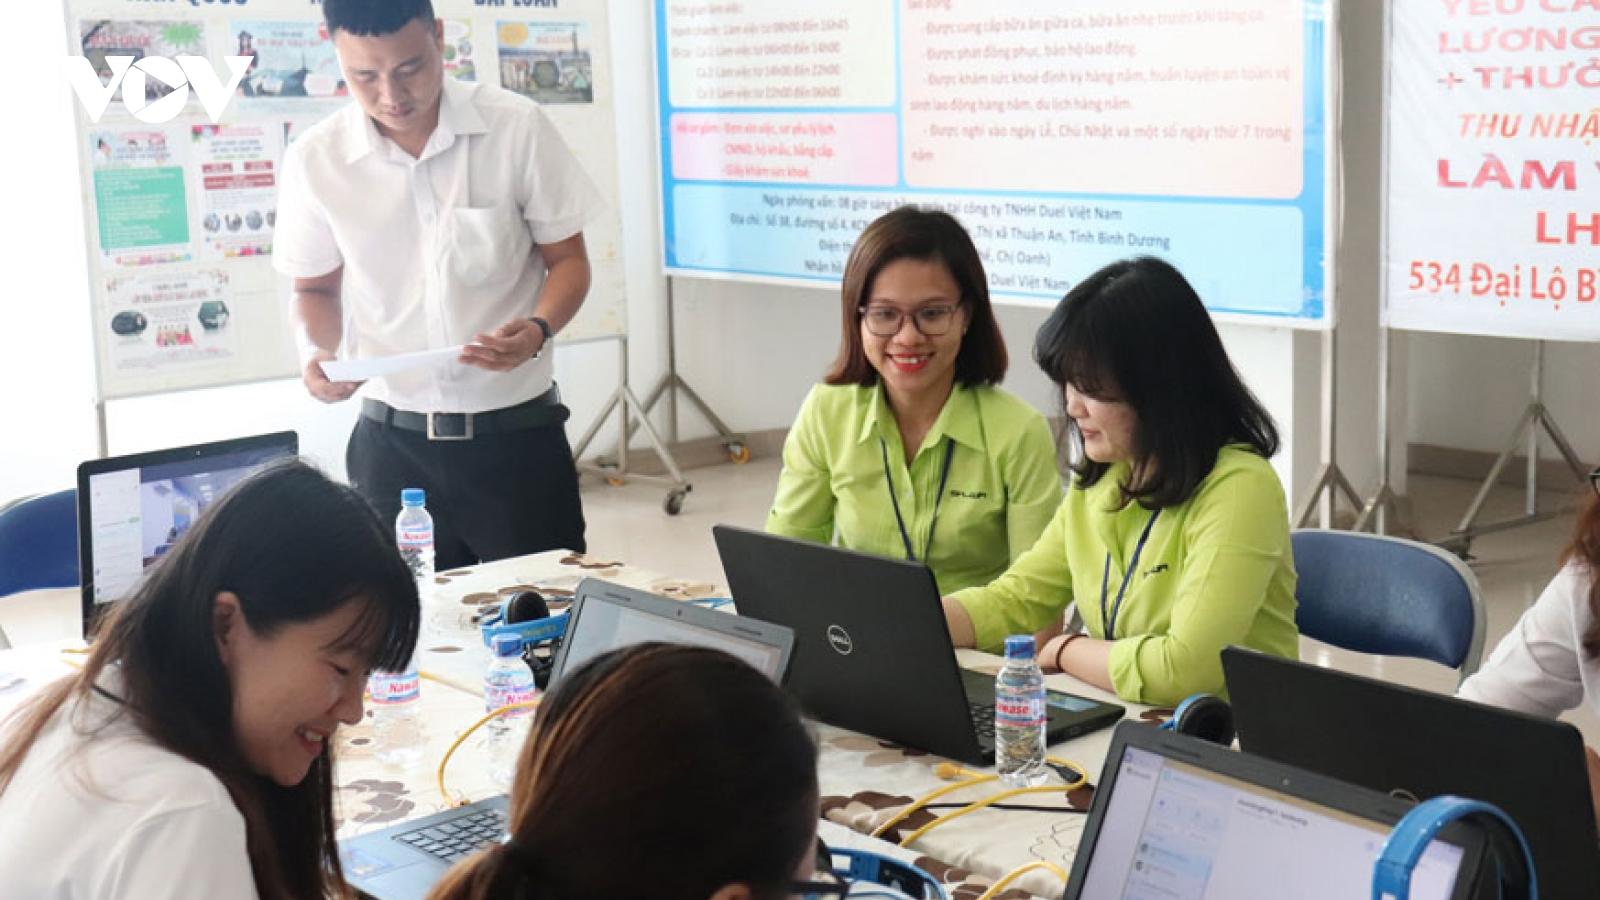 Thị trường lao động vùng Đông Nam Bộ kỳ vọng khởi sắc trong năm 2021